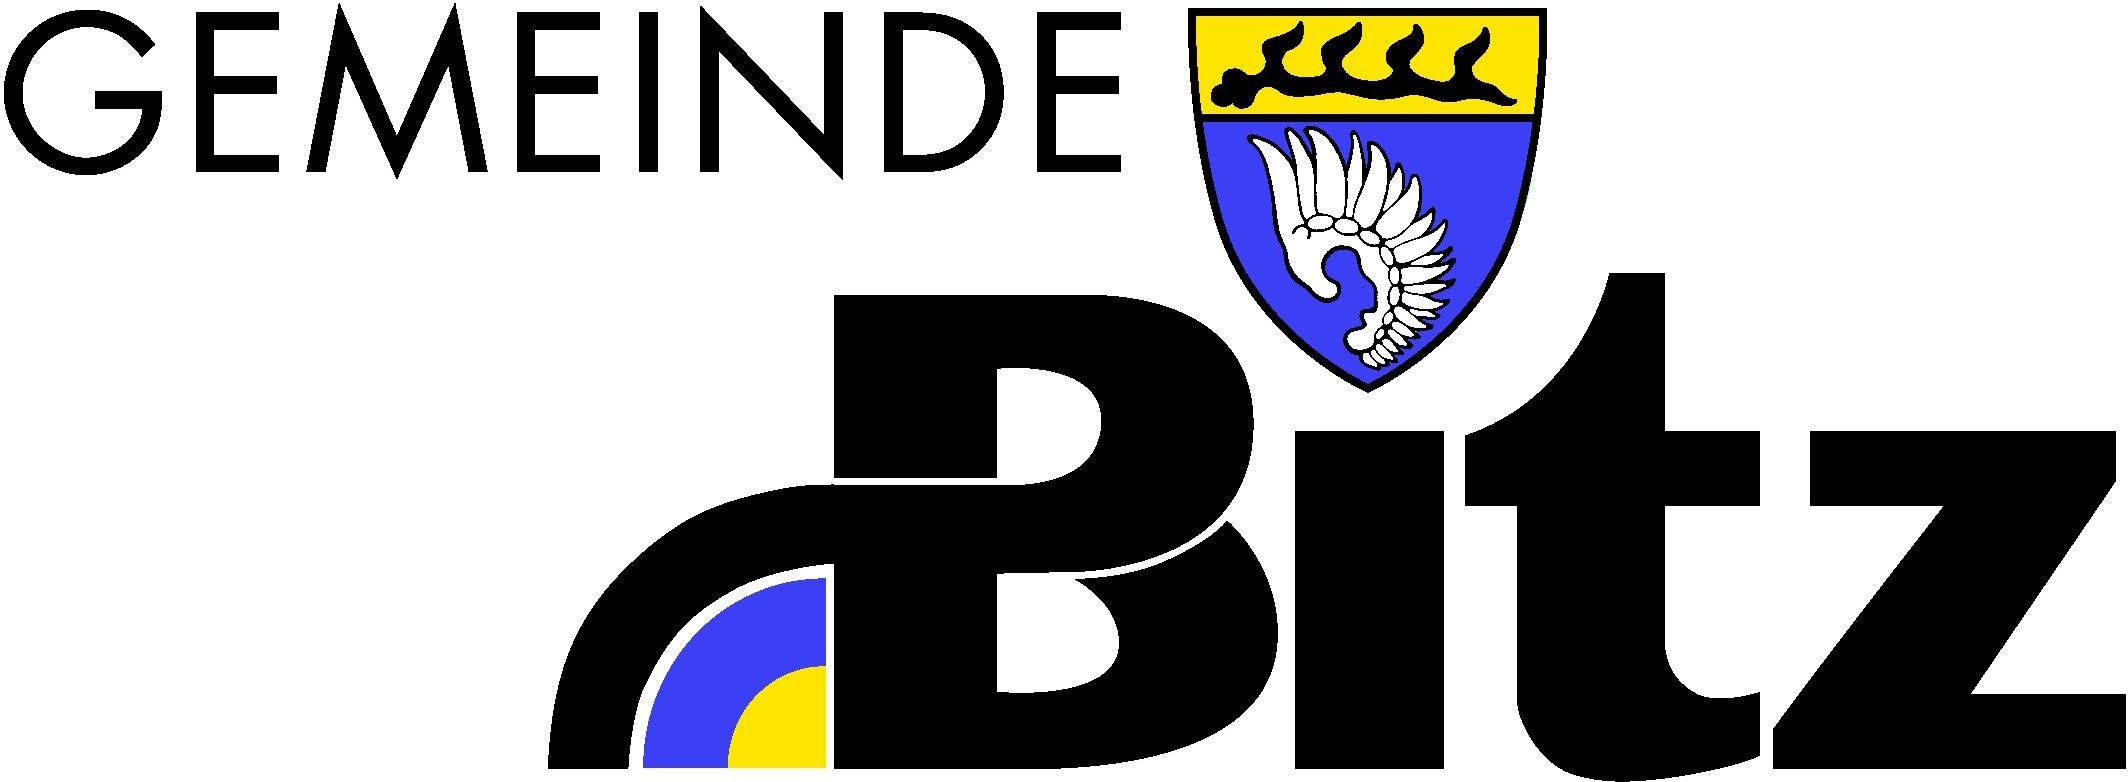 Gemeinde Bitz